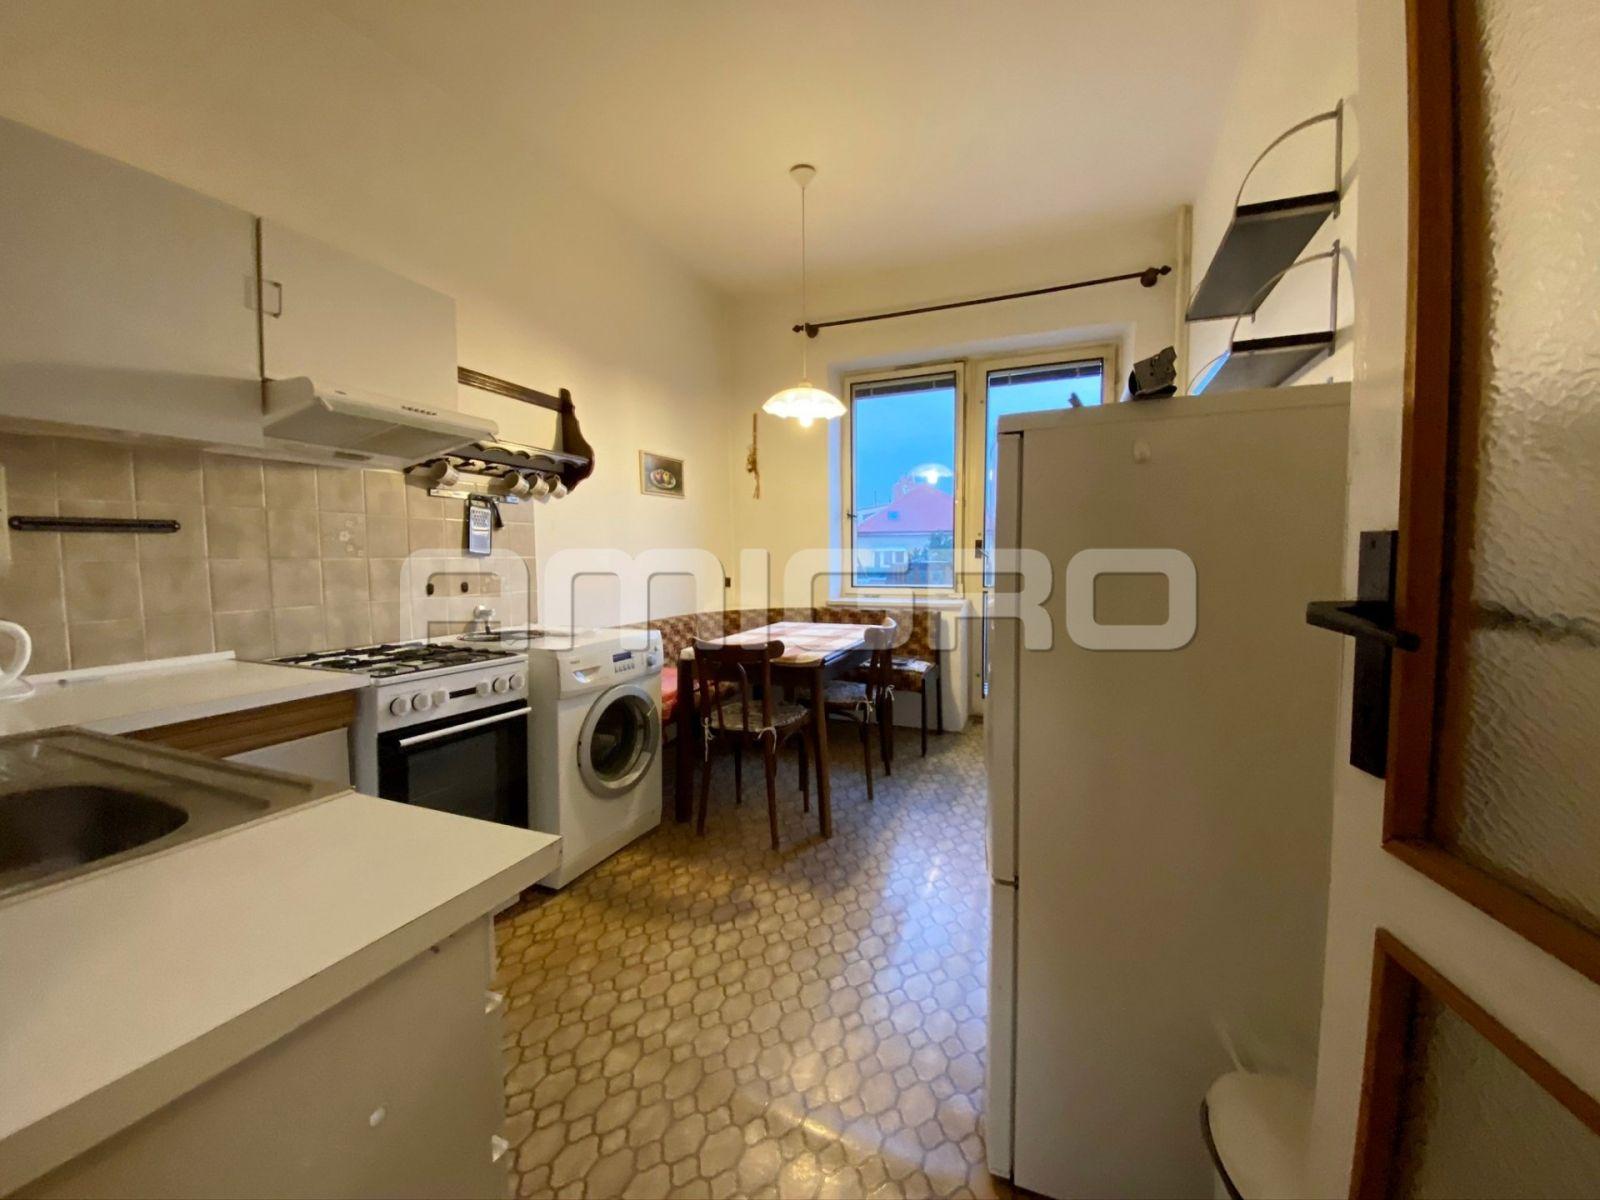 Pronájem bytu 3+1, 95 m2, ul. Mathonova, Brno - Černá Pole